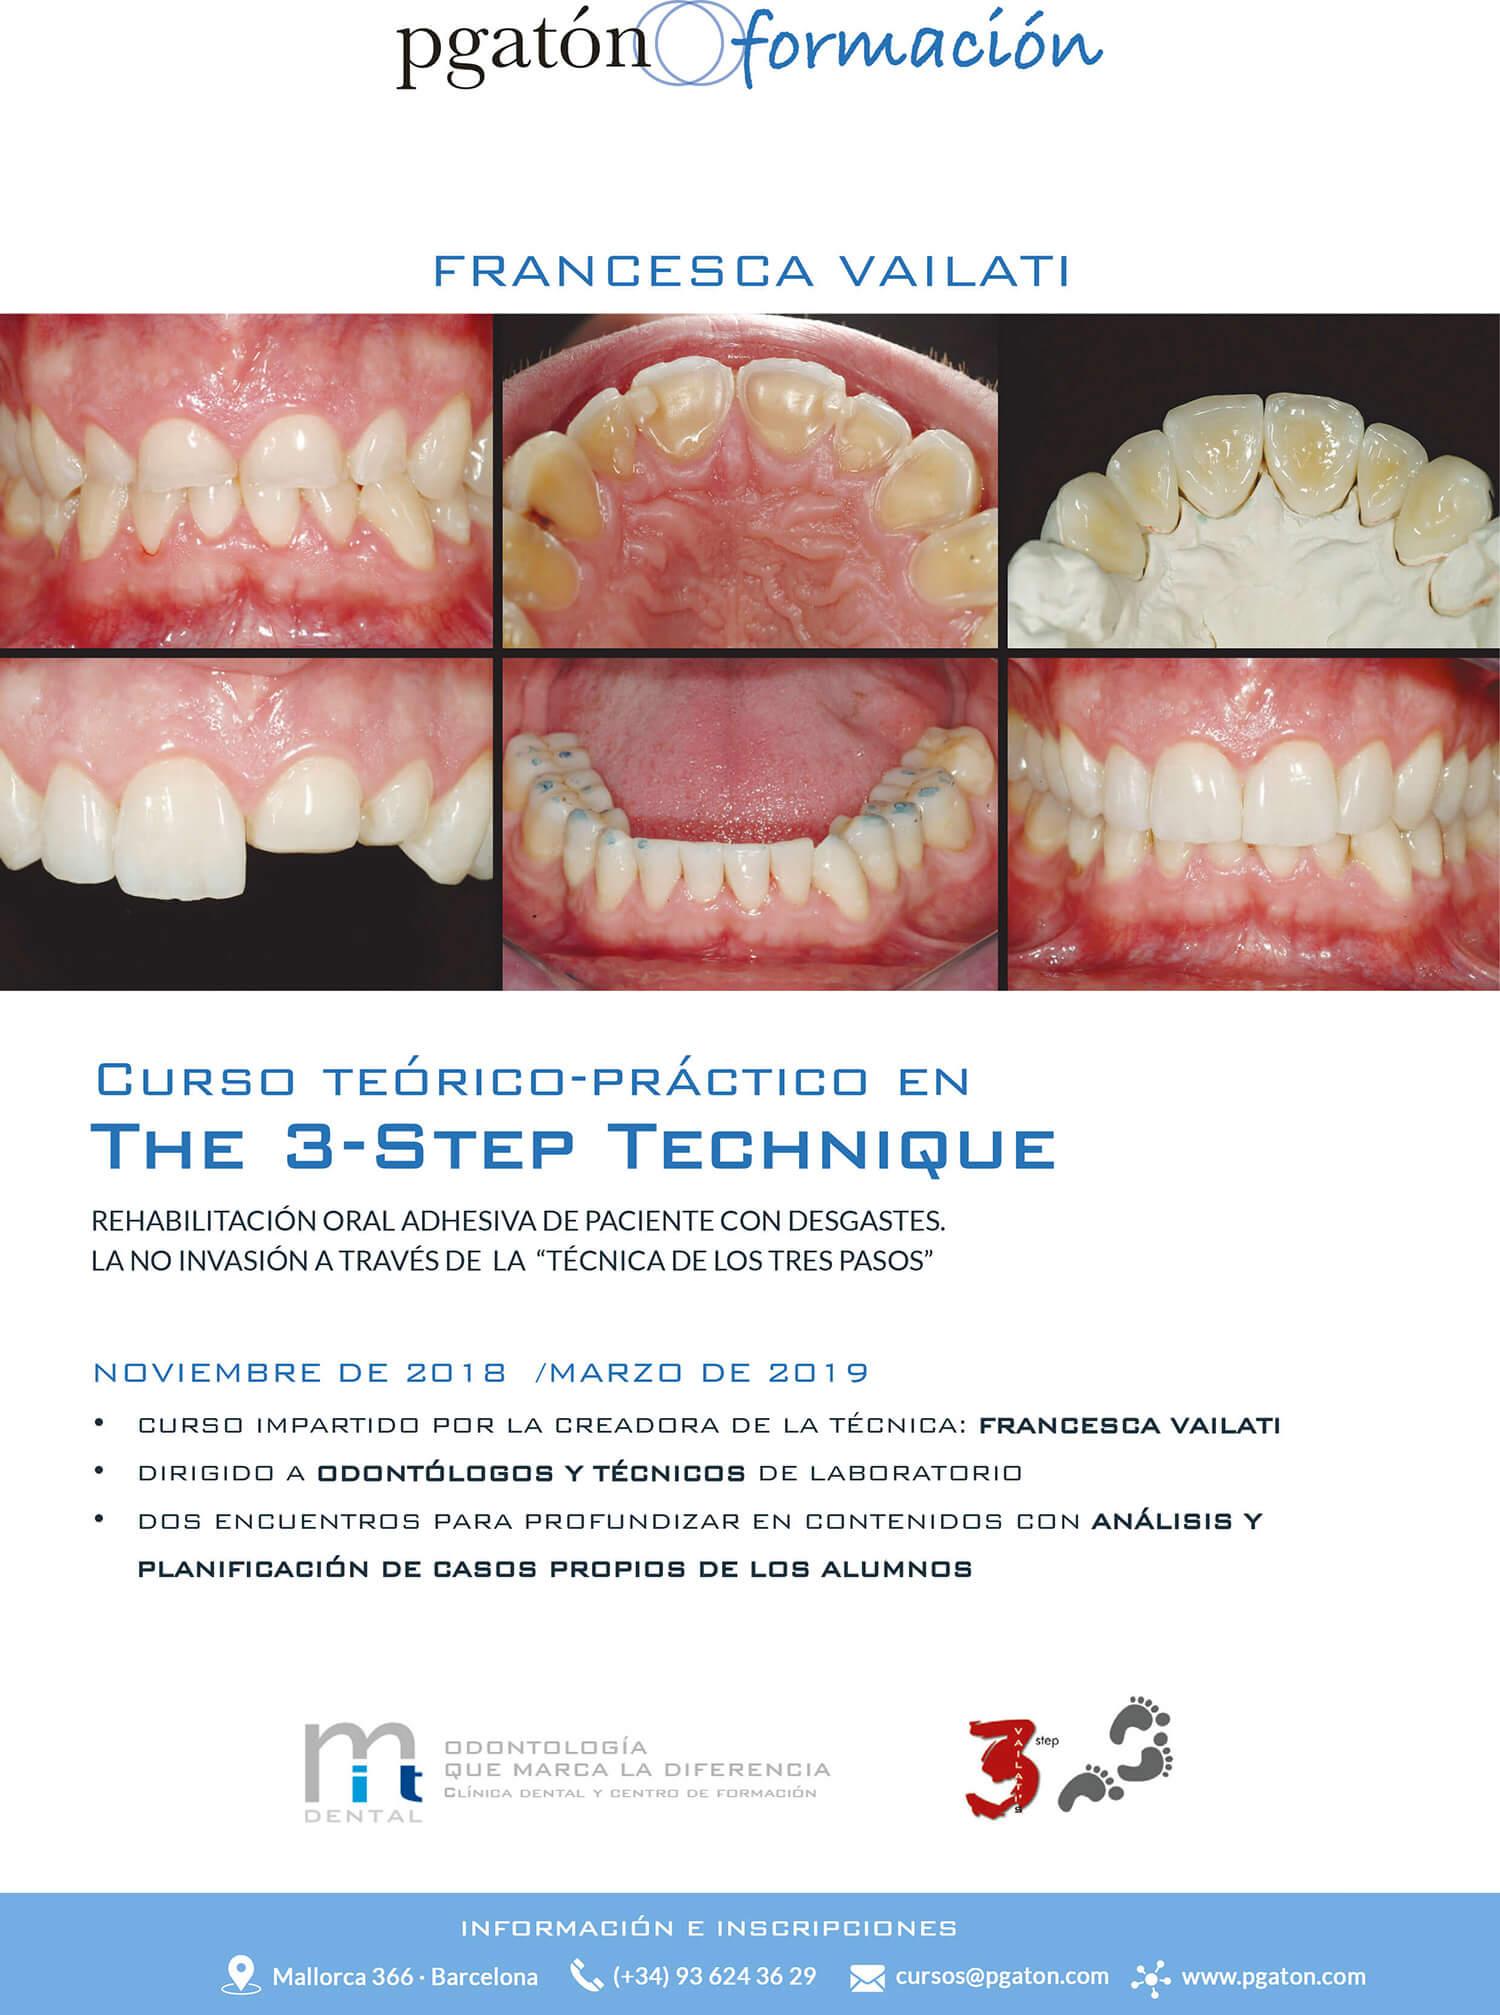 Curso de odontopediatr a en barcelona pgat n formaci n for Curso de interiorismo a distancia